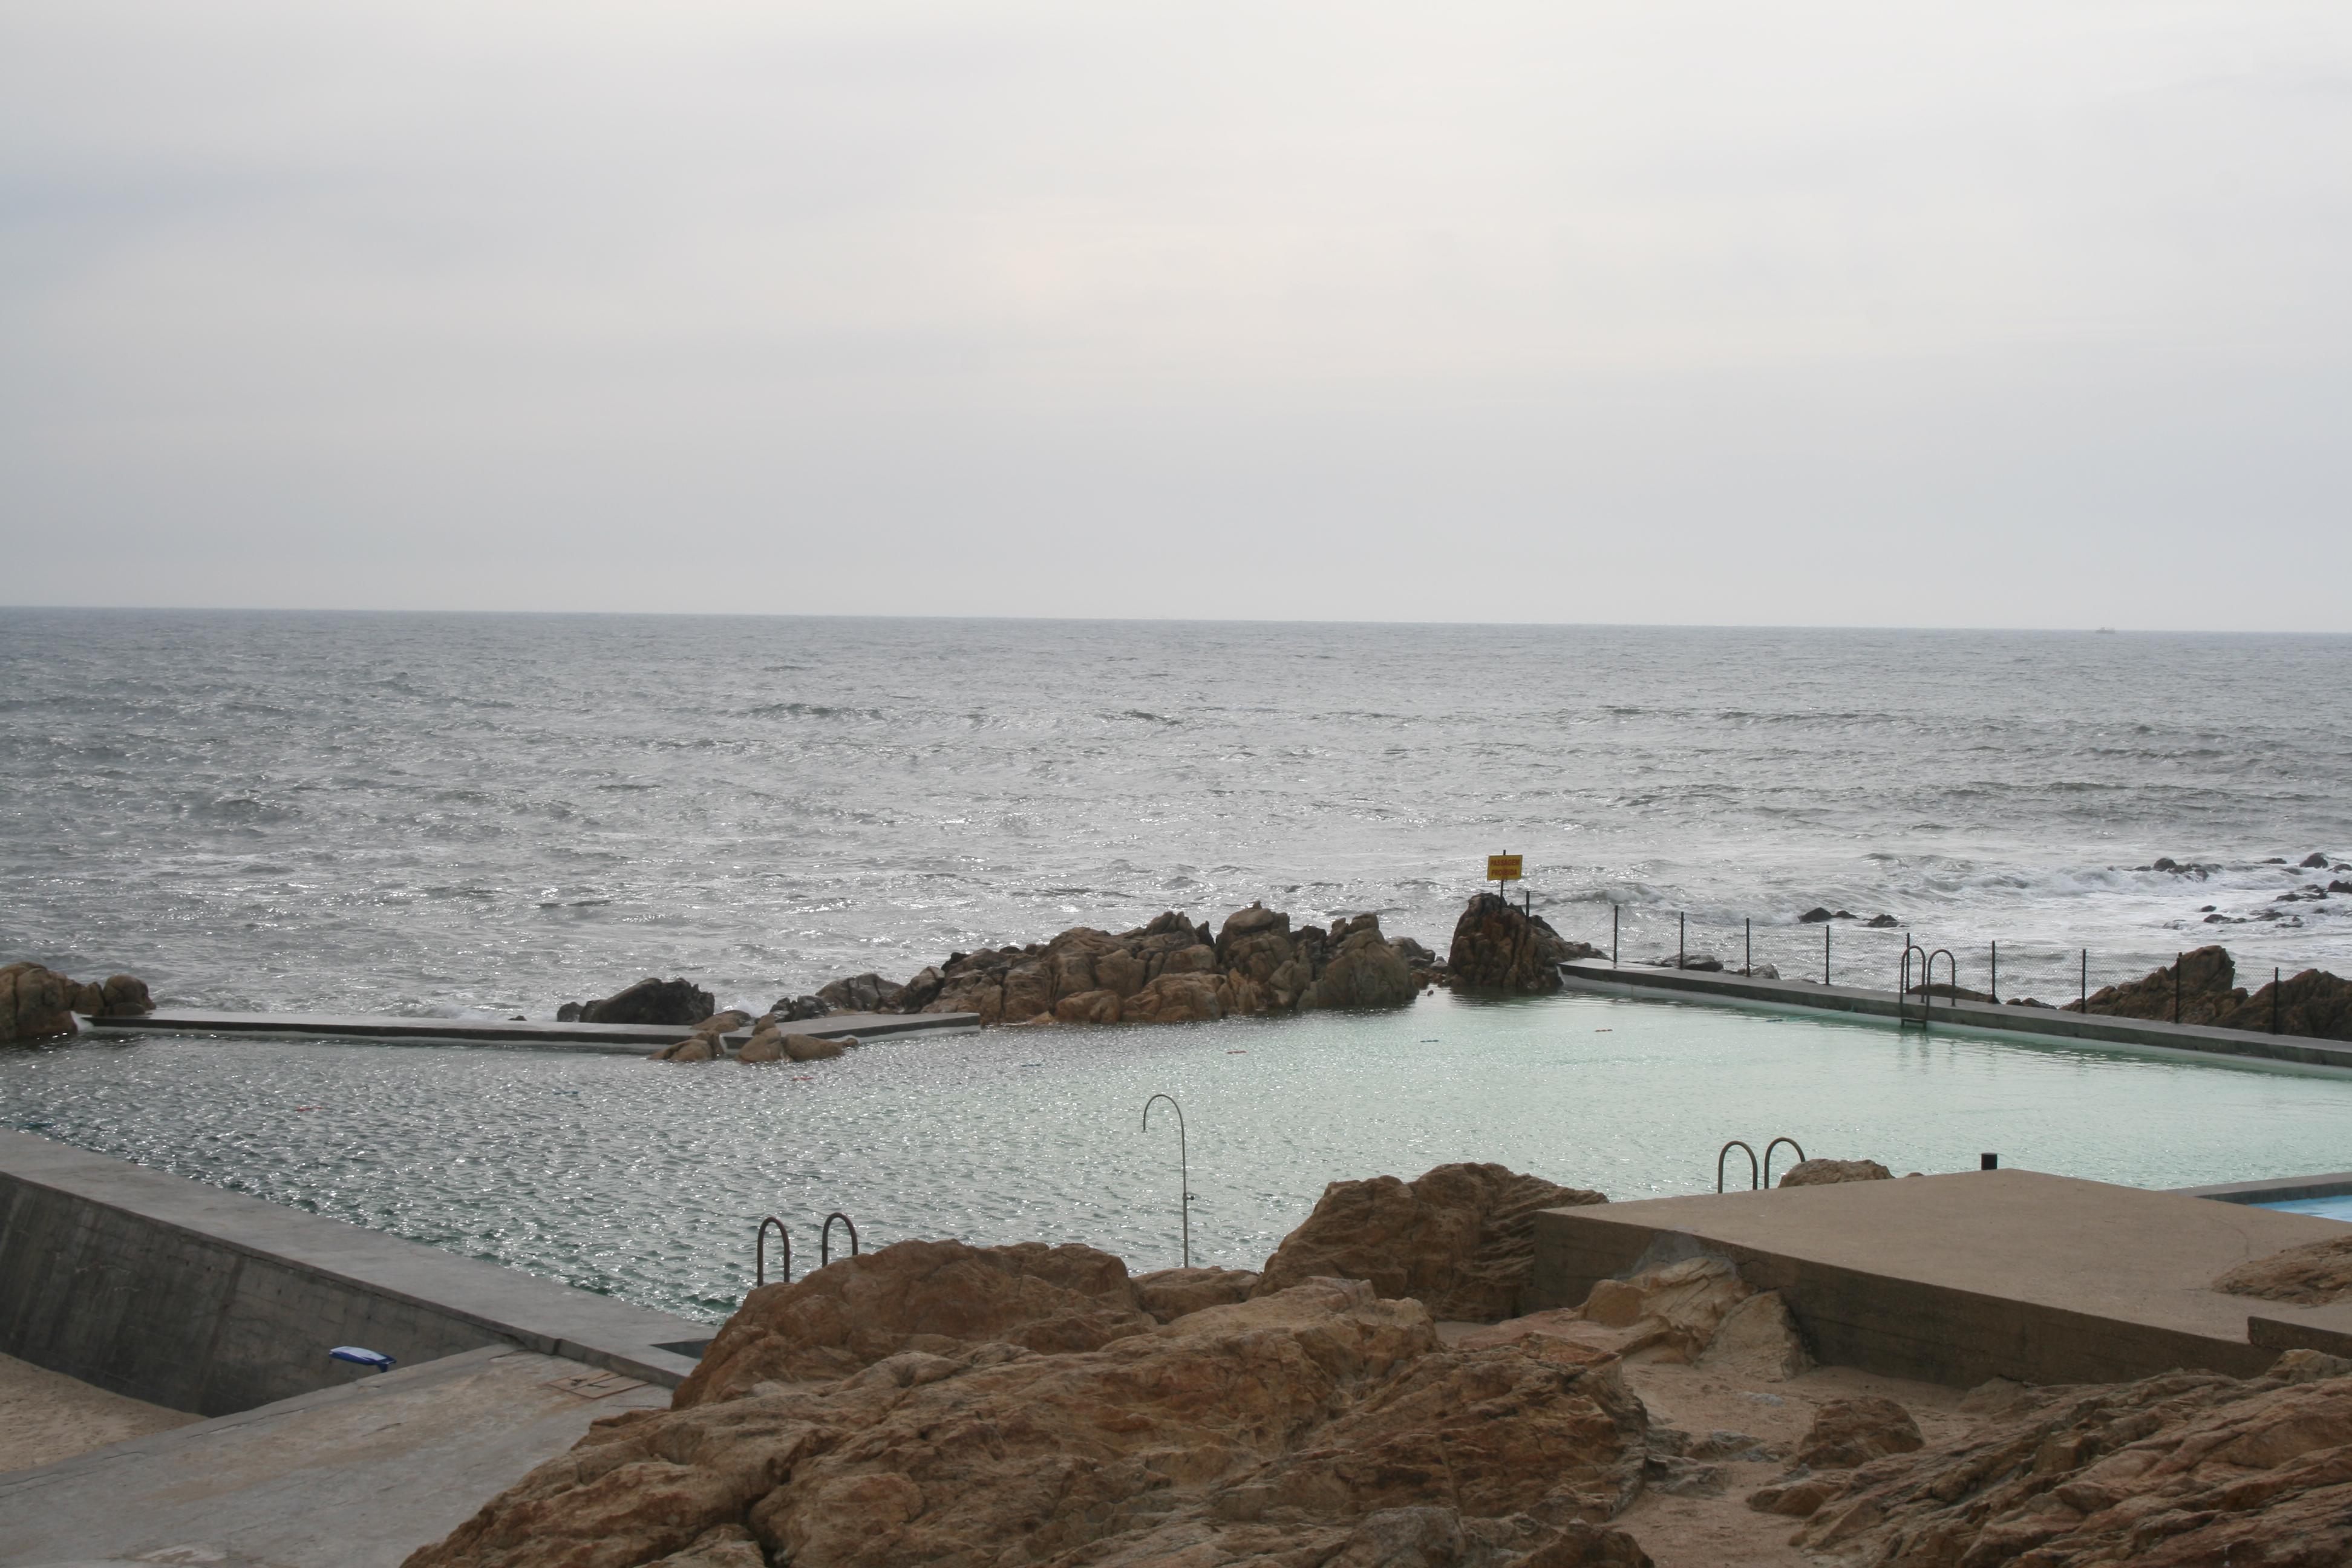 Leca swimming pools spain portugal blog for Alvaro siza leca swimming pools